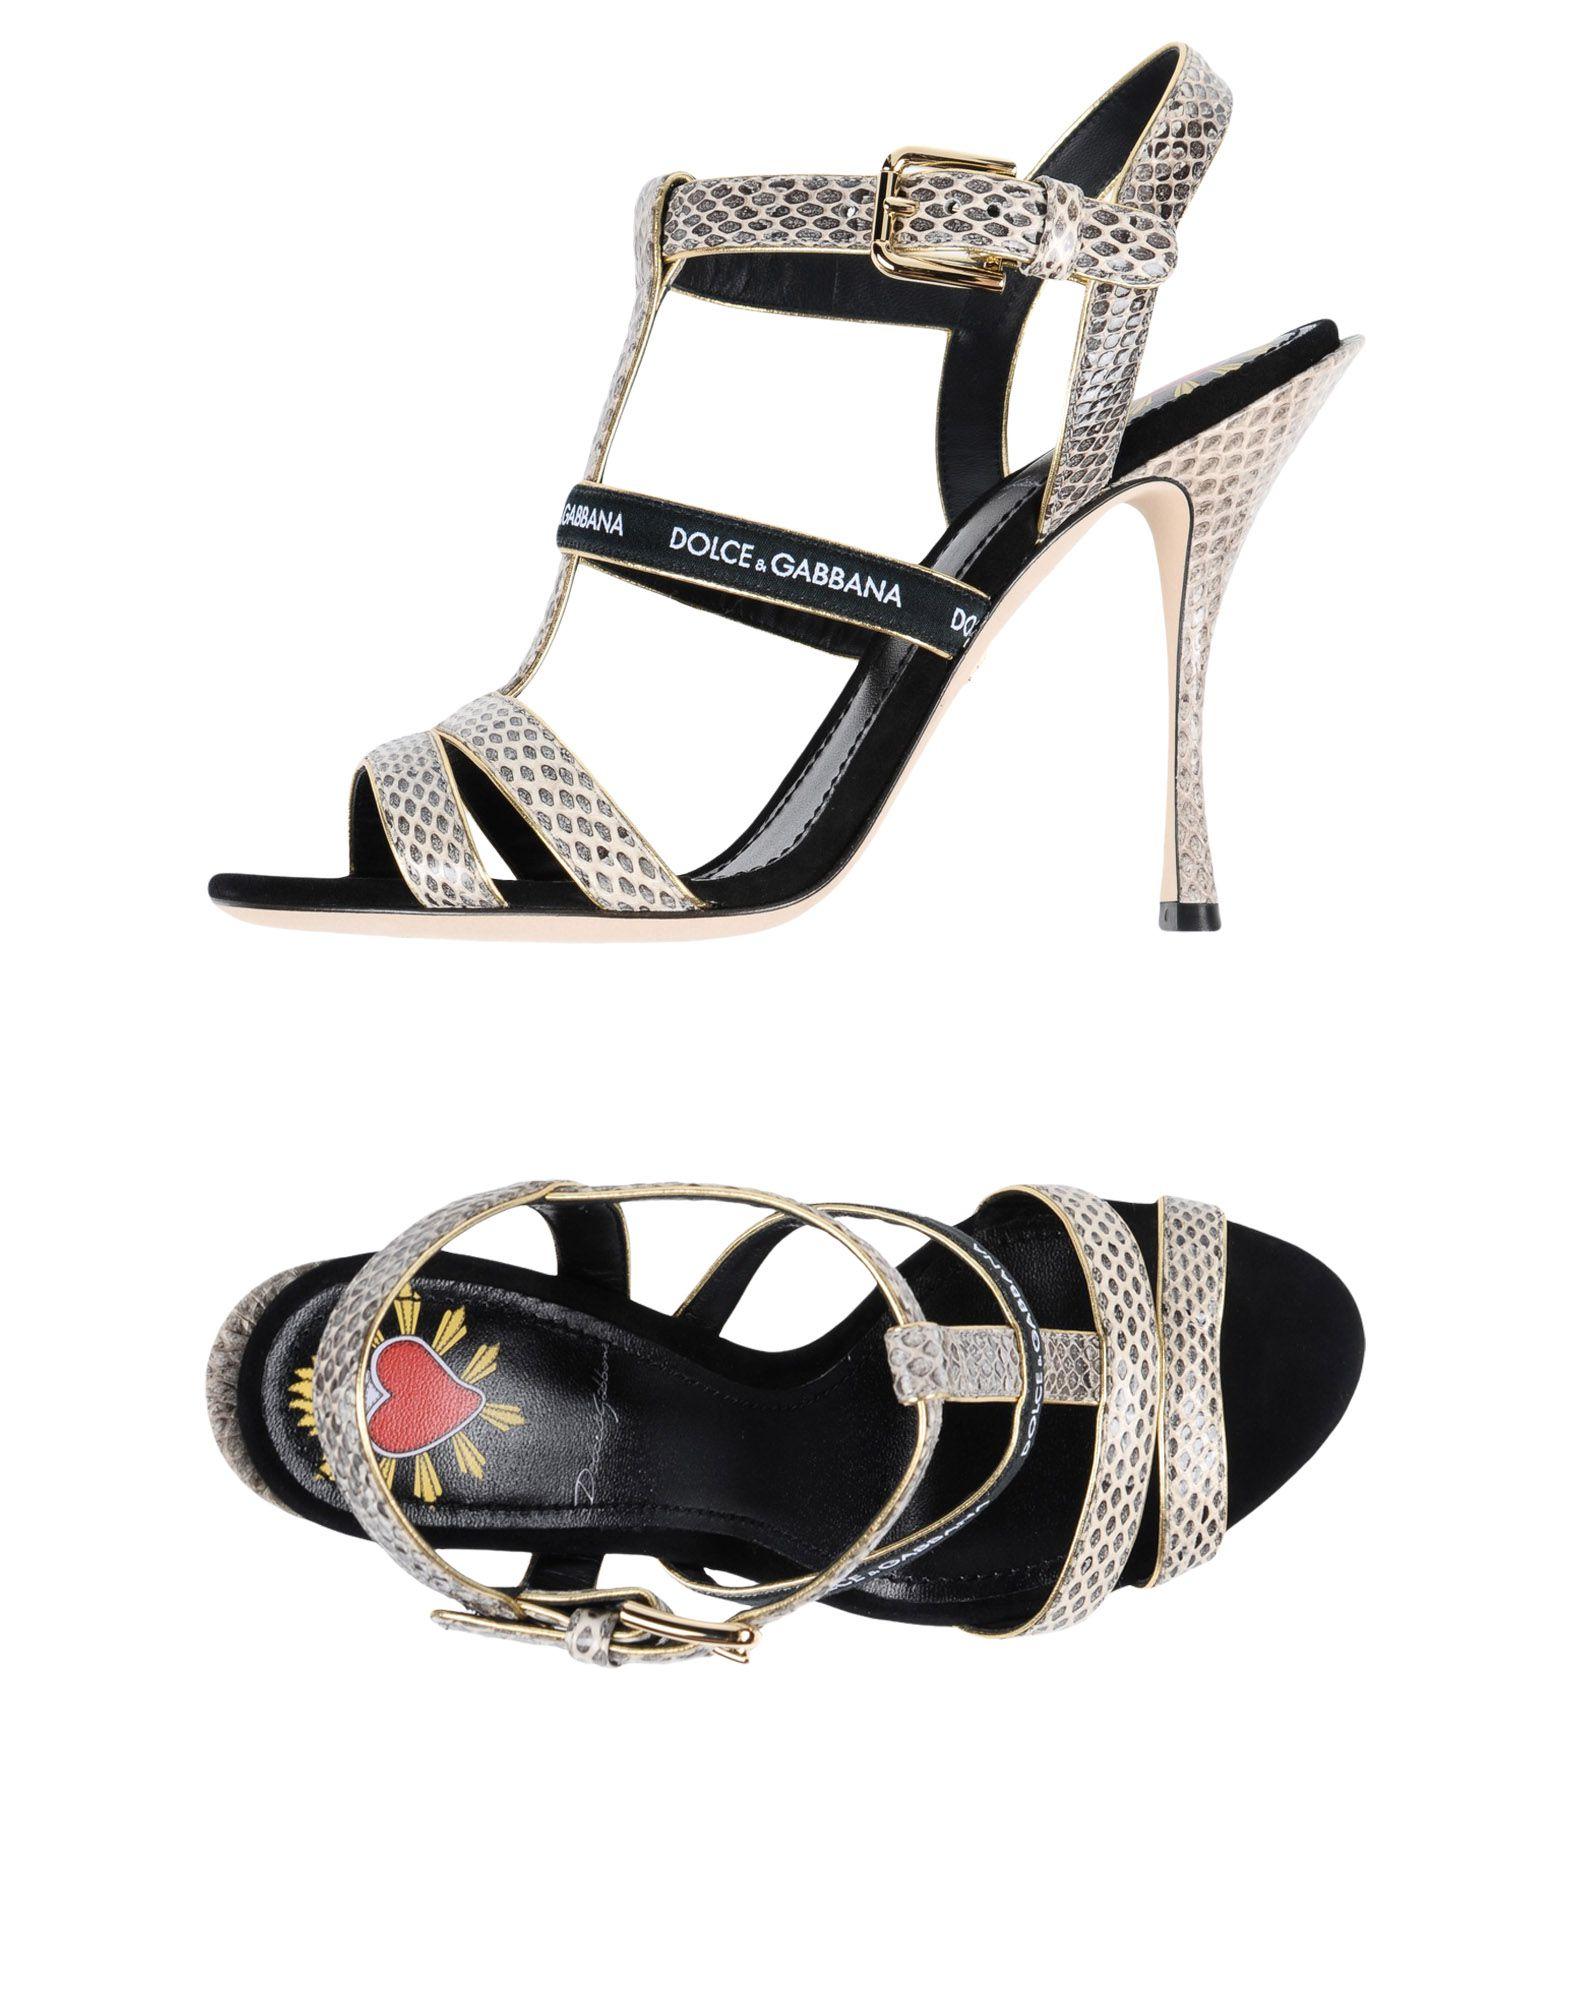 Scarpe economiche e resistenti Donna Sandali Dolce & Gabbana Donna resistenti adedd7